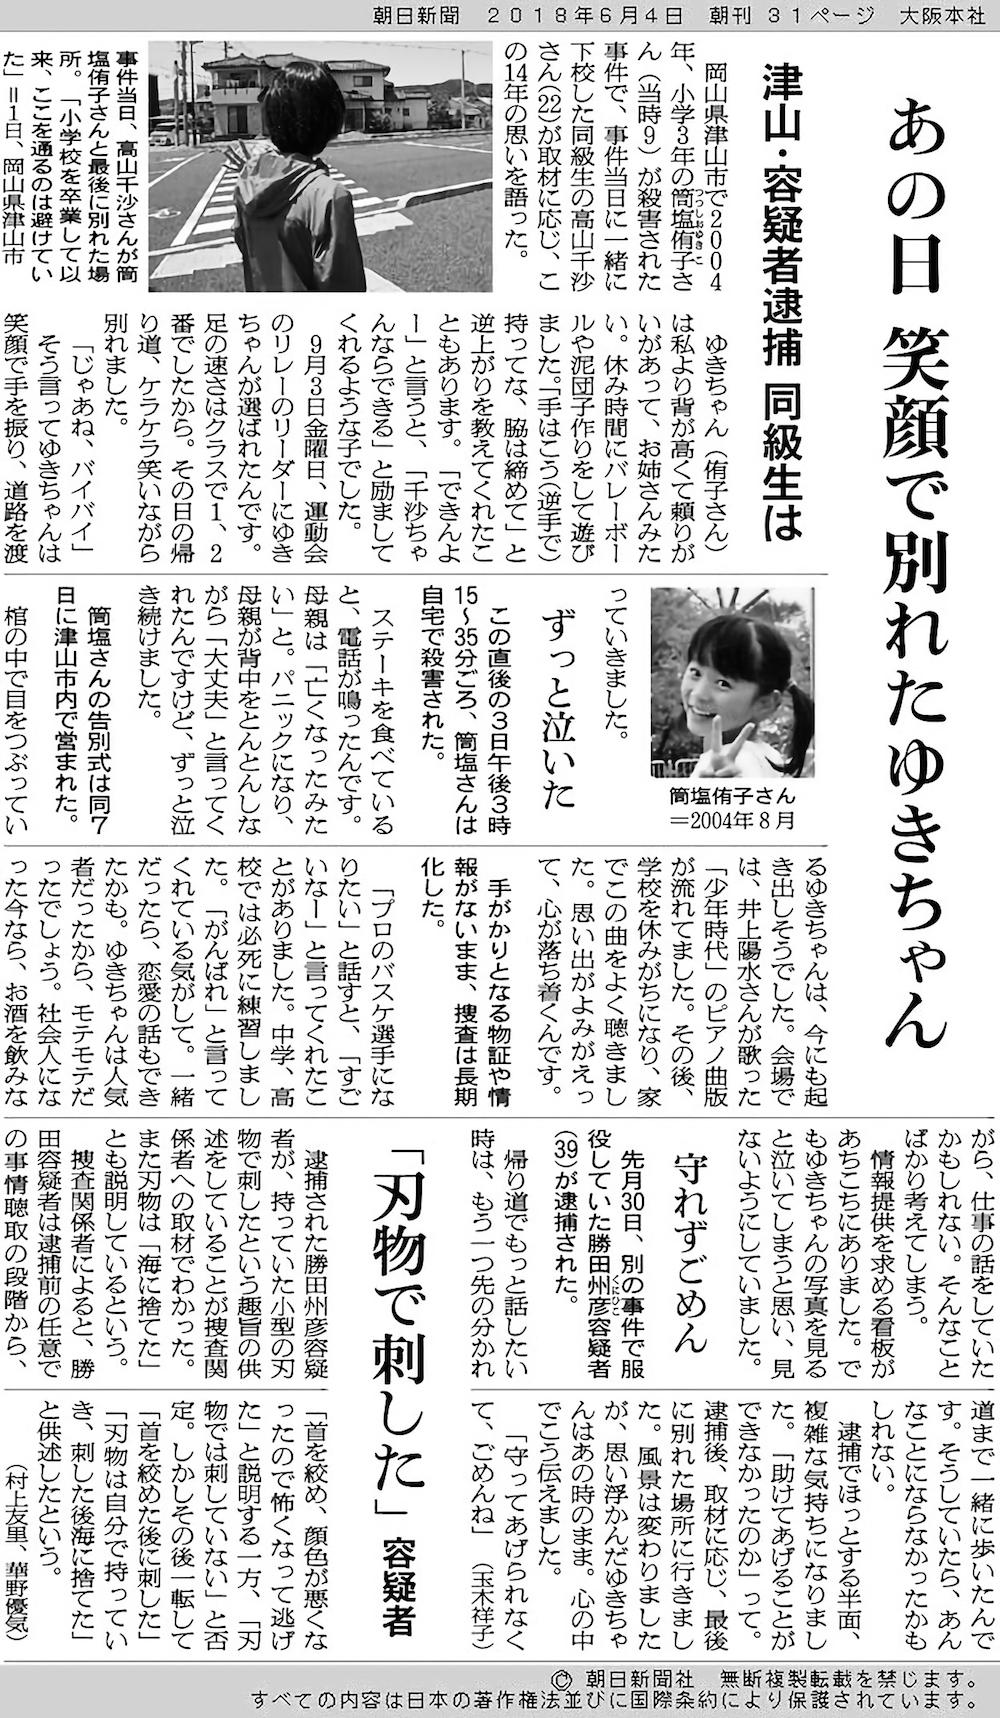 紙面 2018年6月4日付、朝日新聞朝刊社会面(大阪本社版)